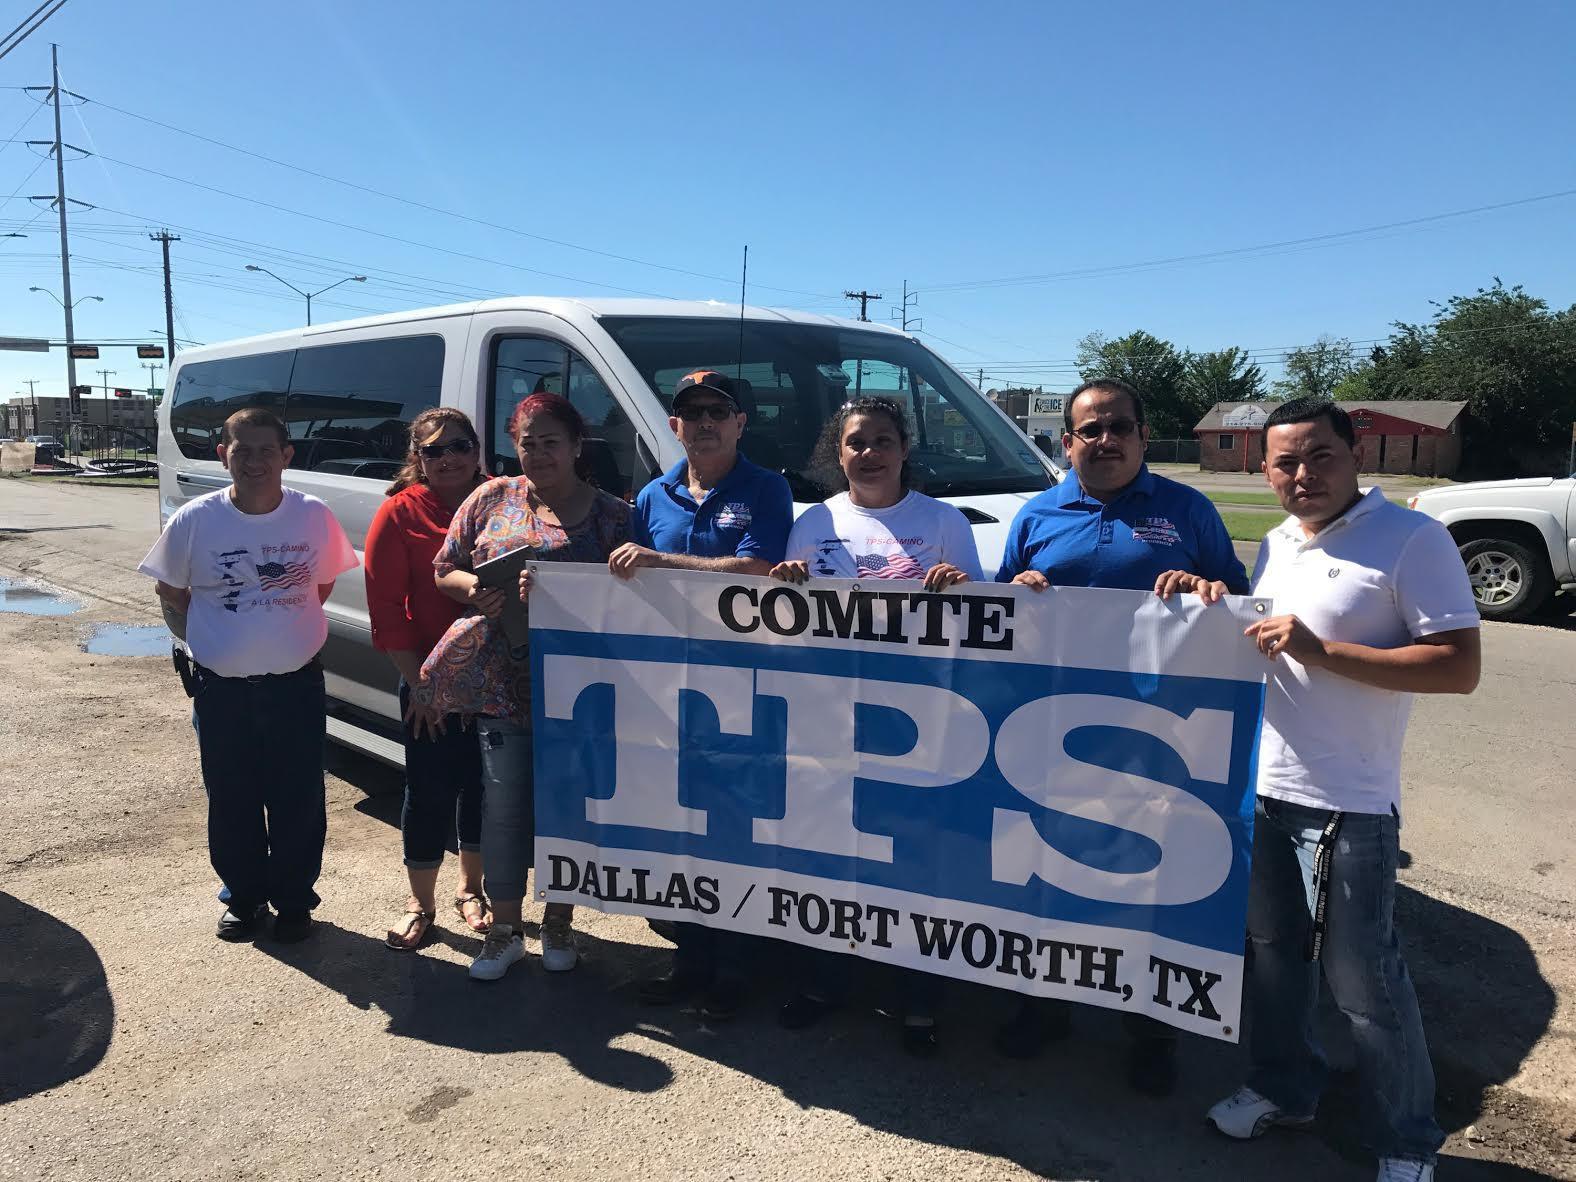 Un grupo de centroamericanos viajó desde Dallas a Washington para negociar el futuro del TPS. MARIANA SIERRA/AL DIA